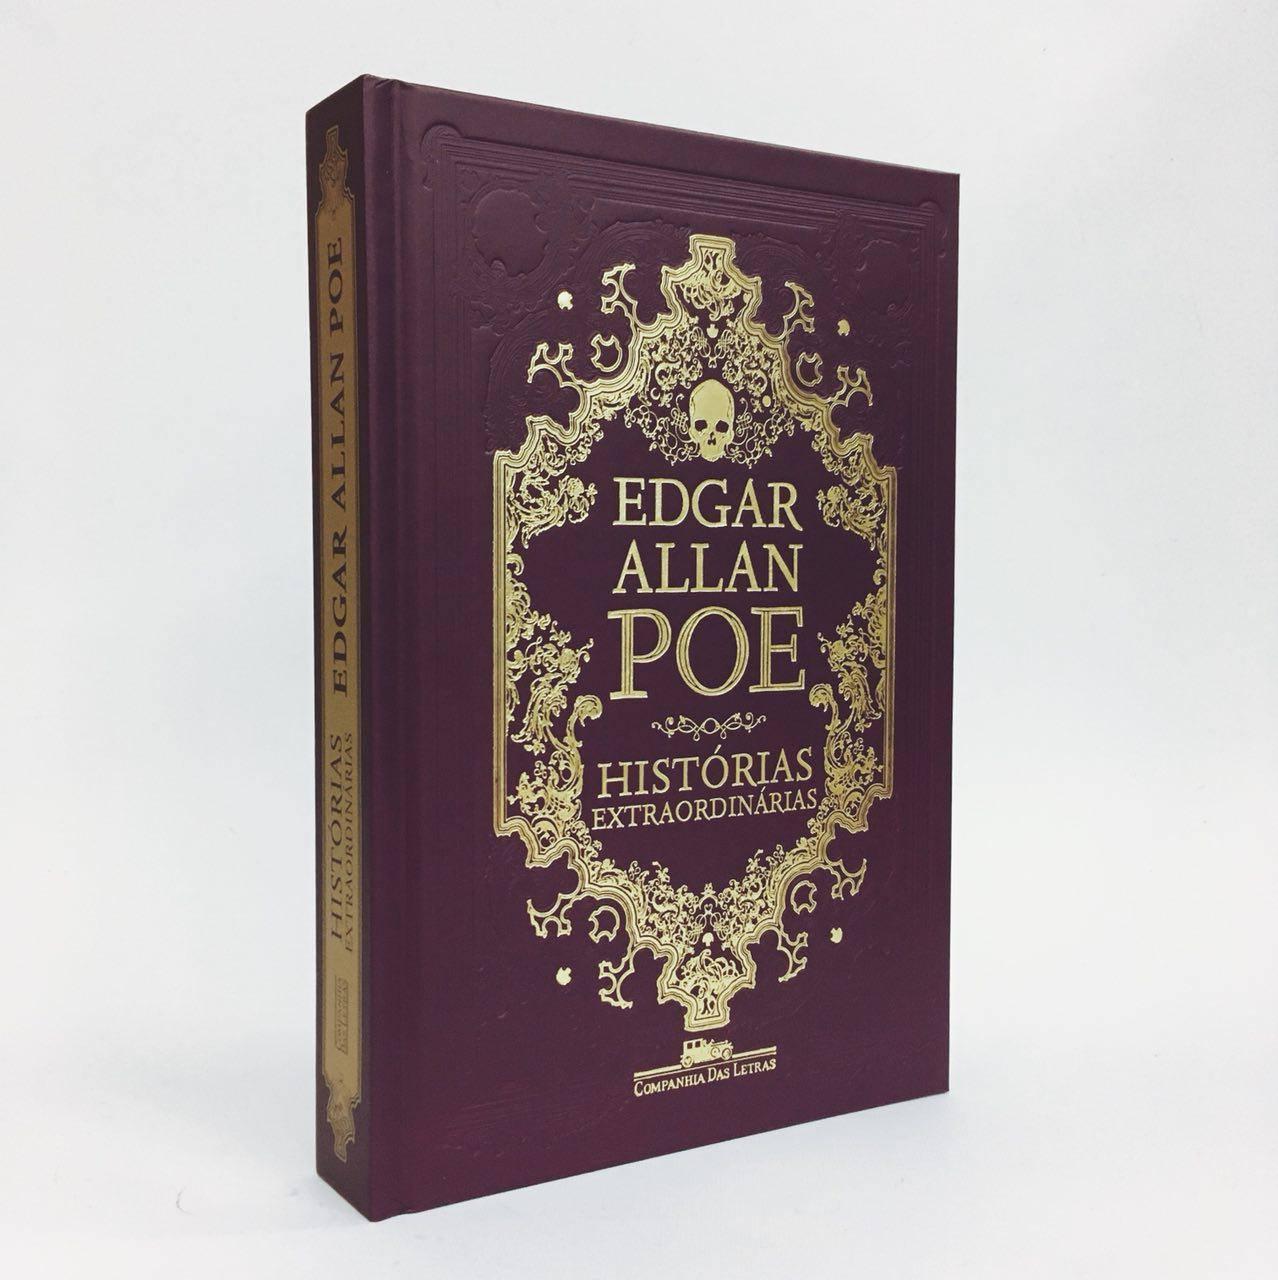 Capa do livro Histórias extraordinárias, de Edgar Allan Poe. Na imagem, o livro está de pé em um fundo branco. O livro é uma edição em capa dura, de cor roxa, com o nome de Edgar Allan Poe escrito em fonte de cor amarela, com uma caveira desenhada logo acima de seu nome. Abaixo está escrito Histórias Extraordinárias em fonte de cor igualmente amarela. Abaixo está o logo da editora Companhia das Letras, com a fonte de cor amarela